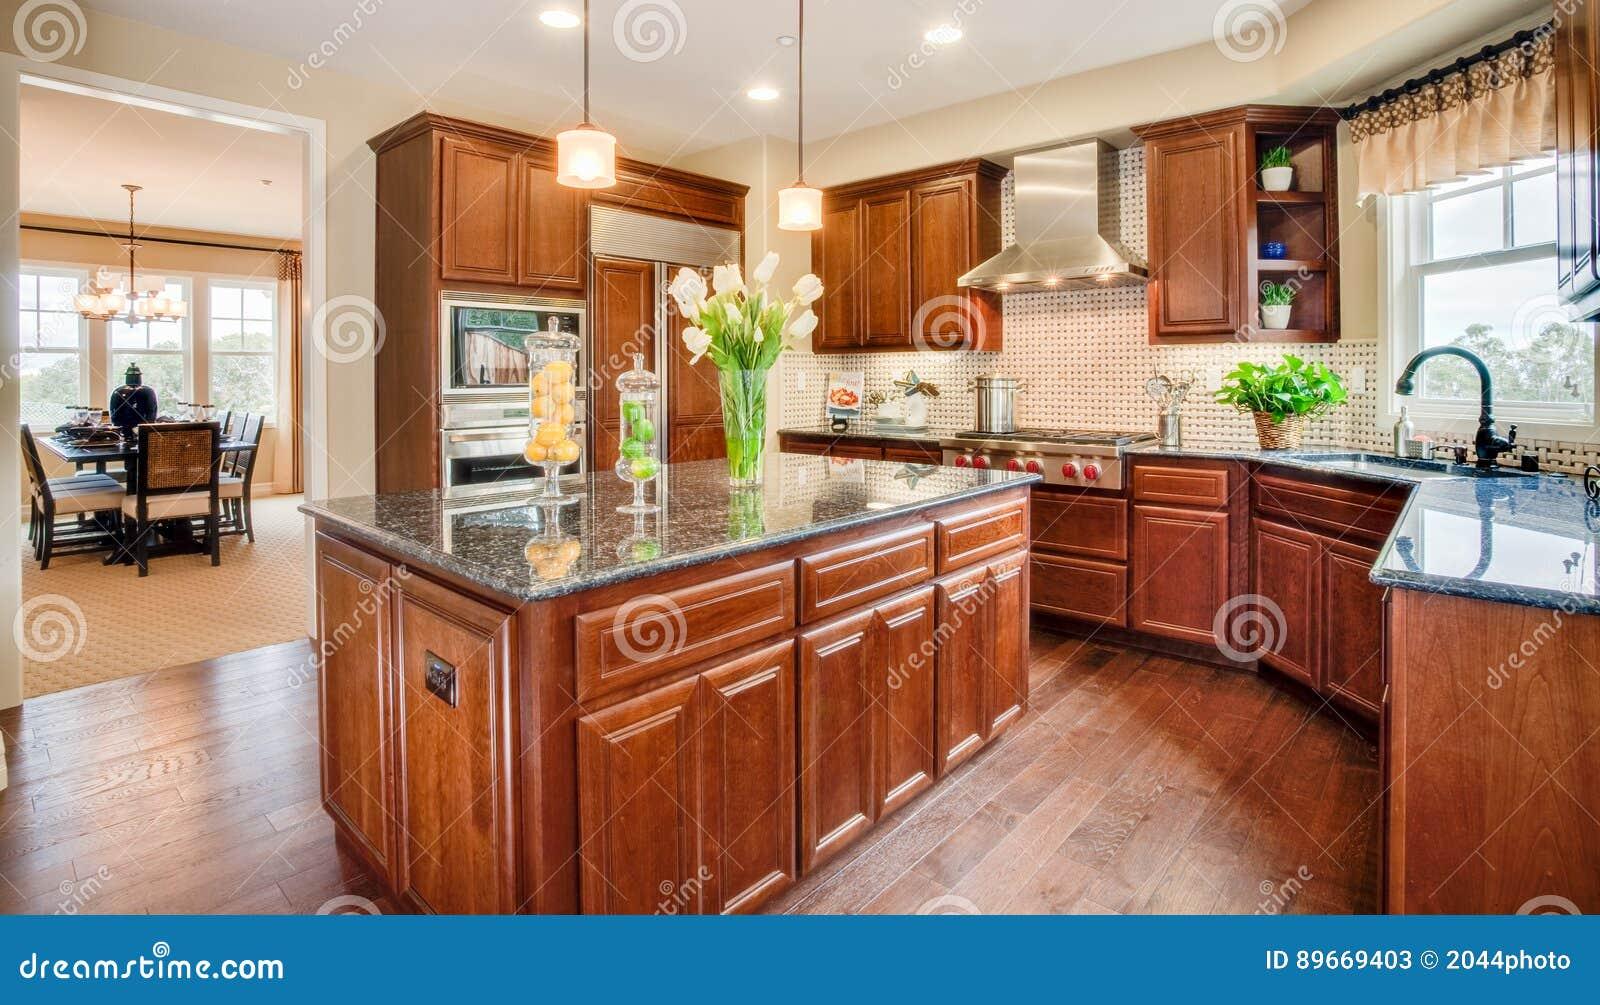 Cocina y comedor caseros residenciales